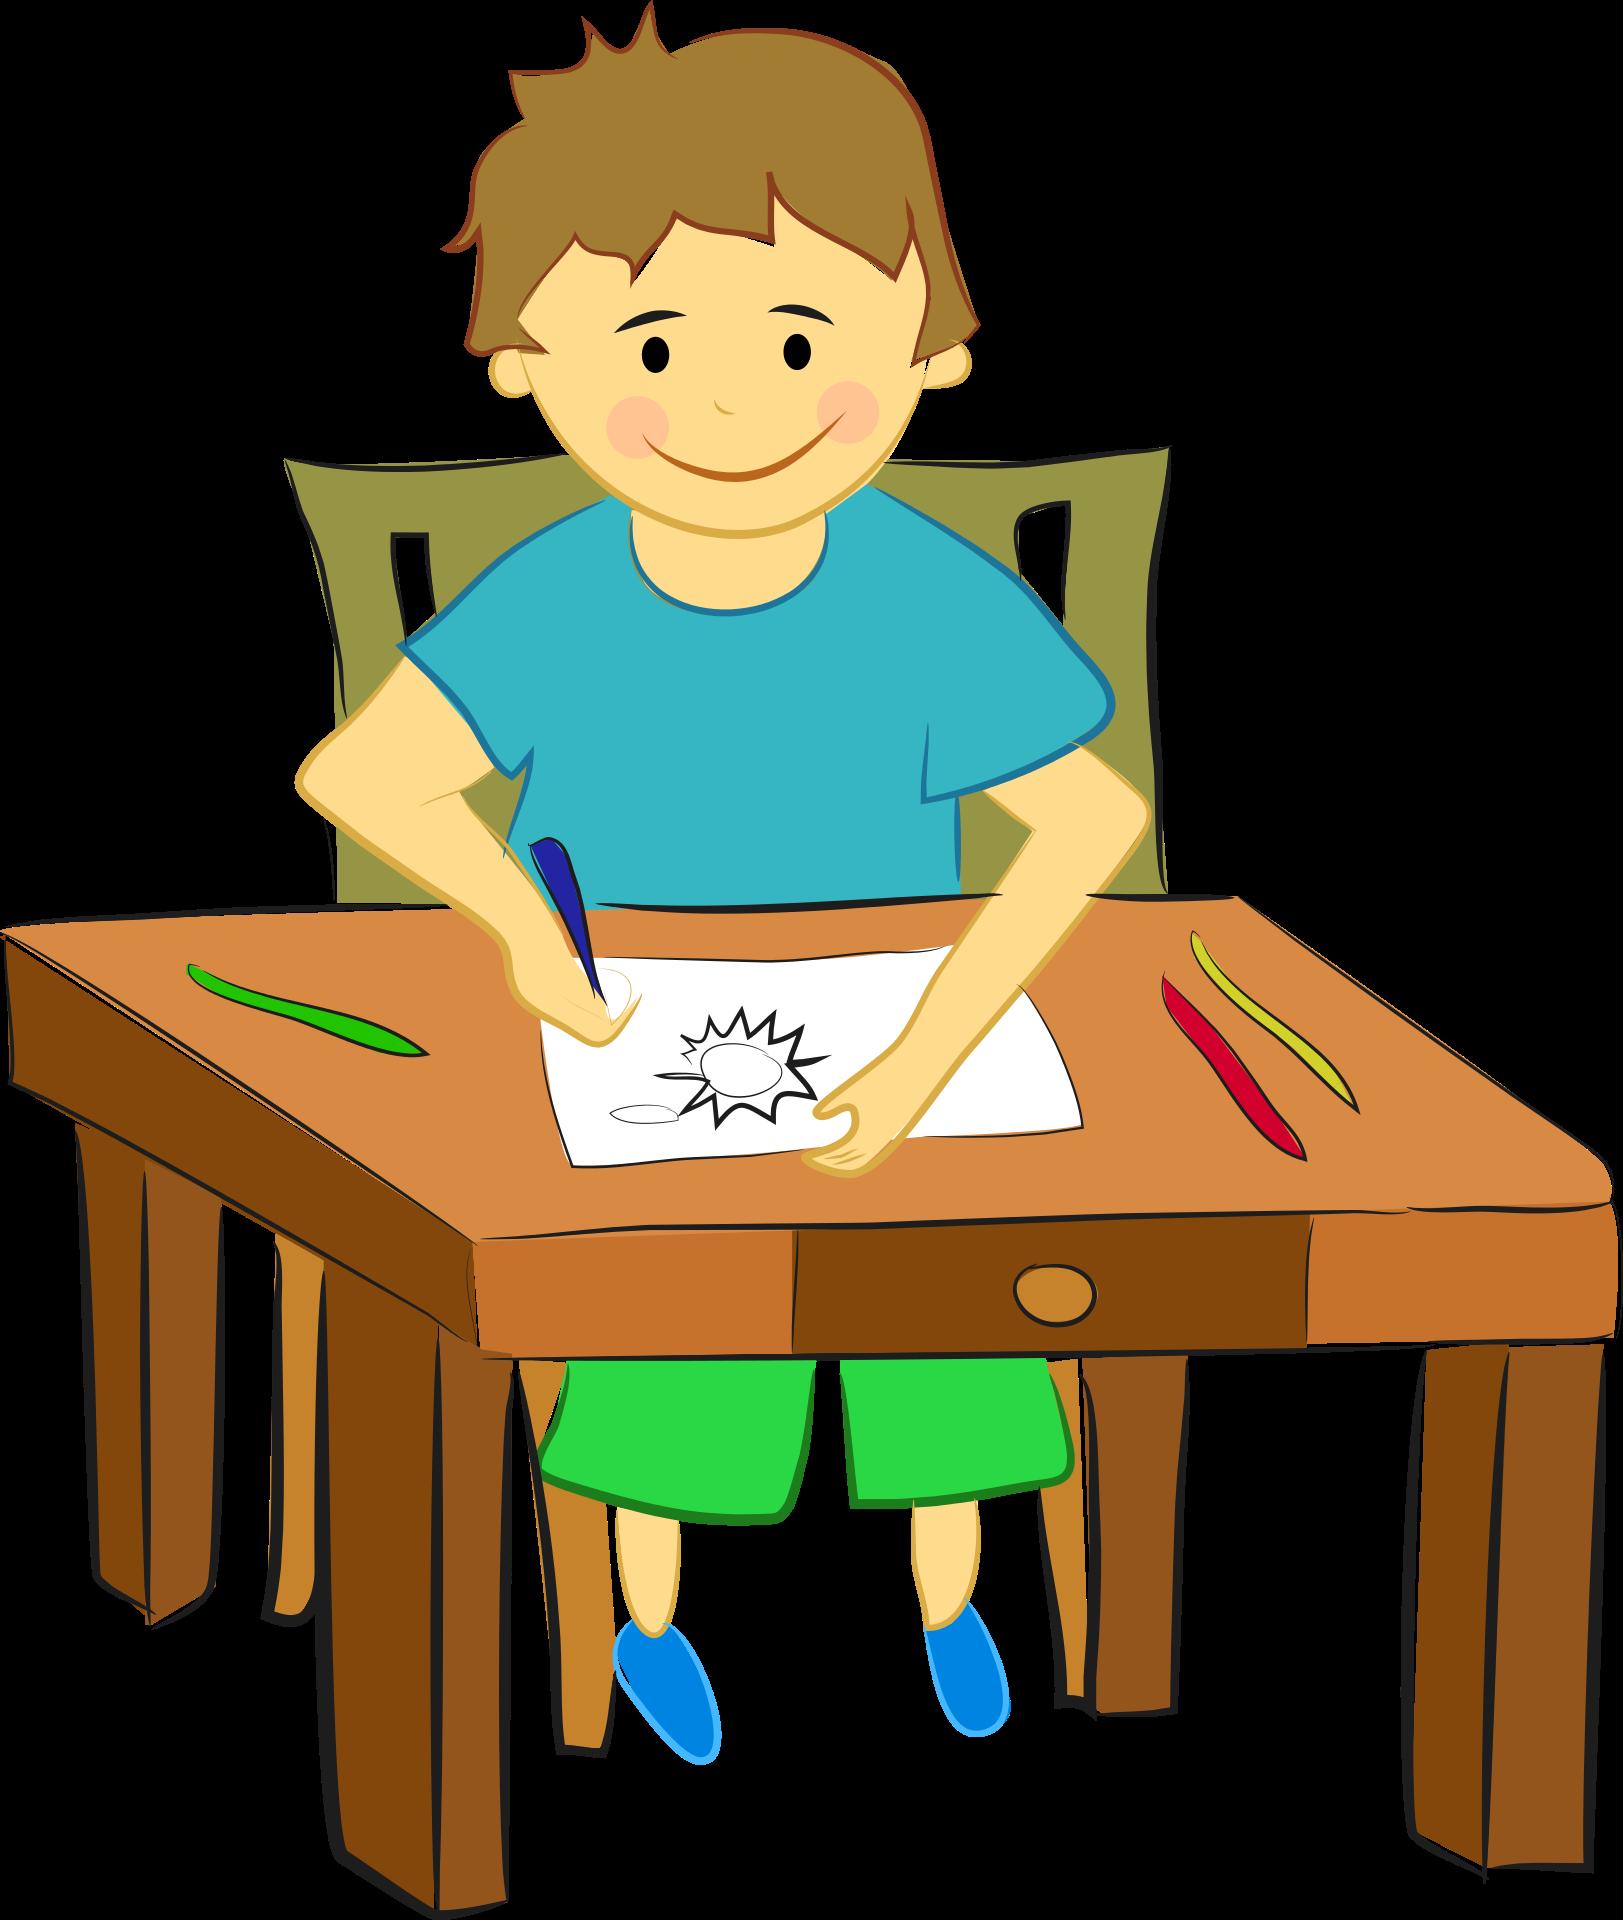 Картинки мальчика который сидит за партой